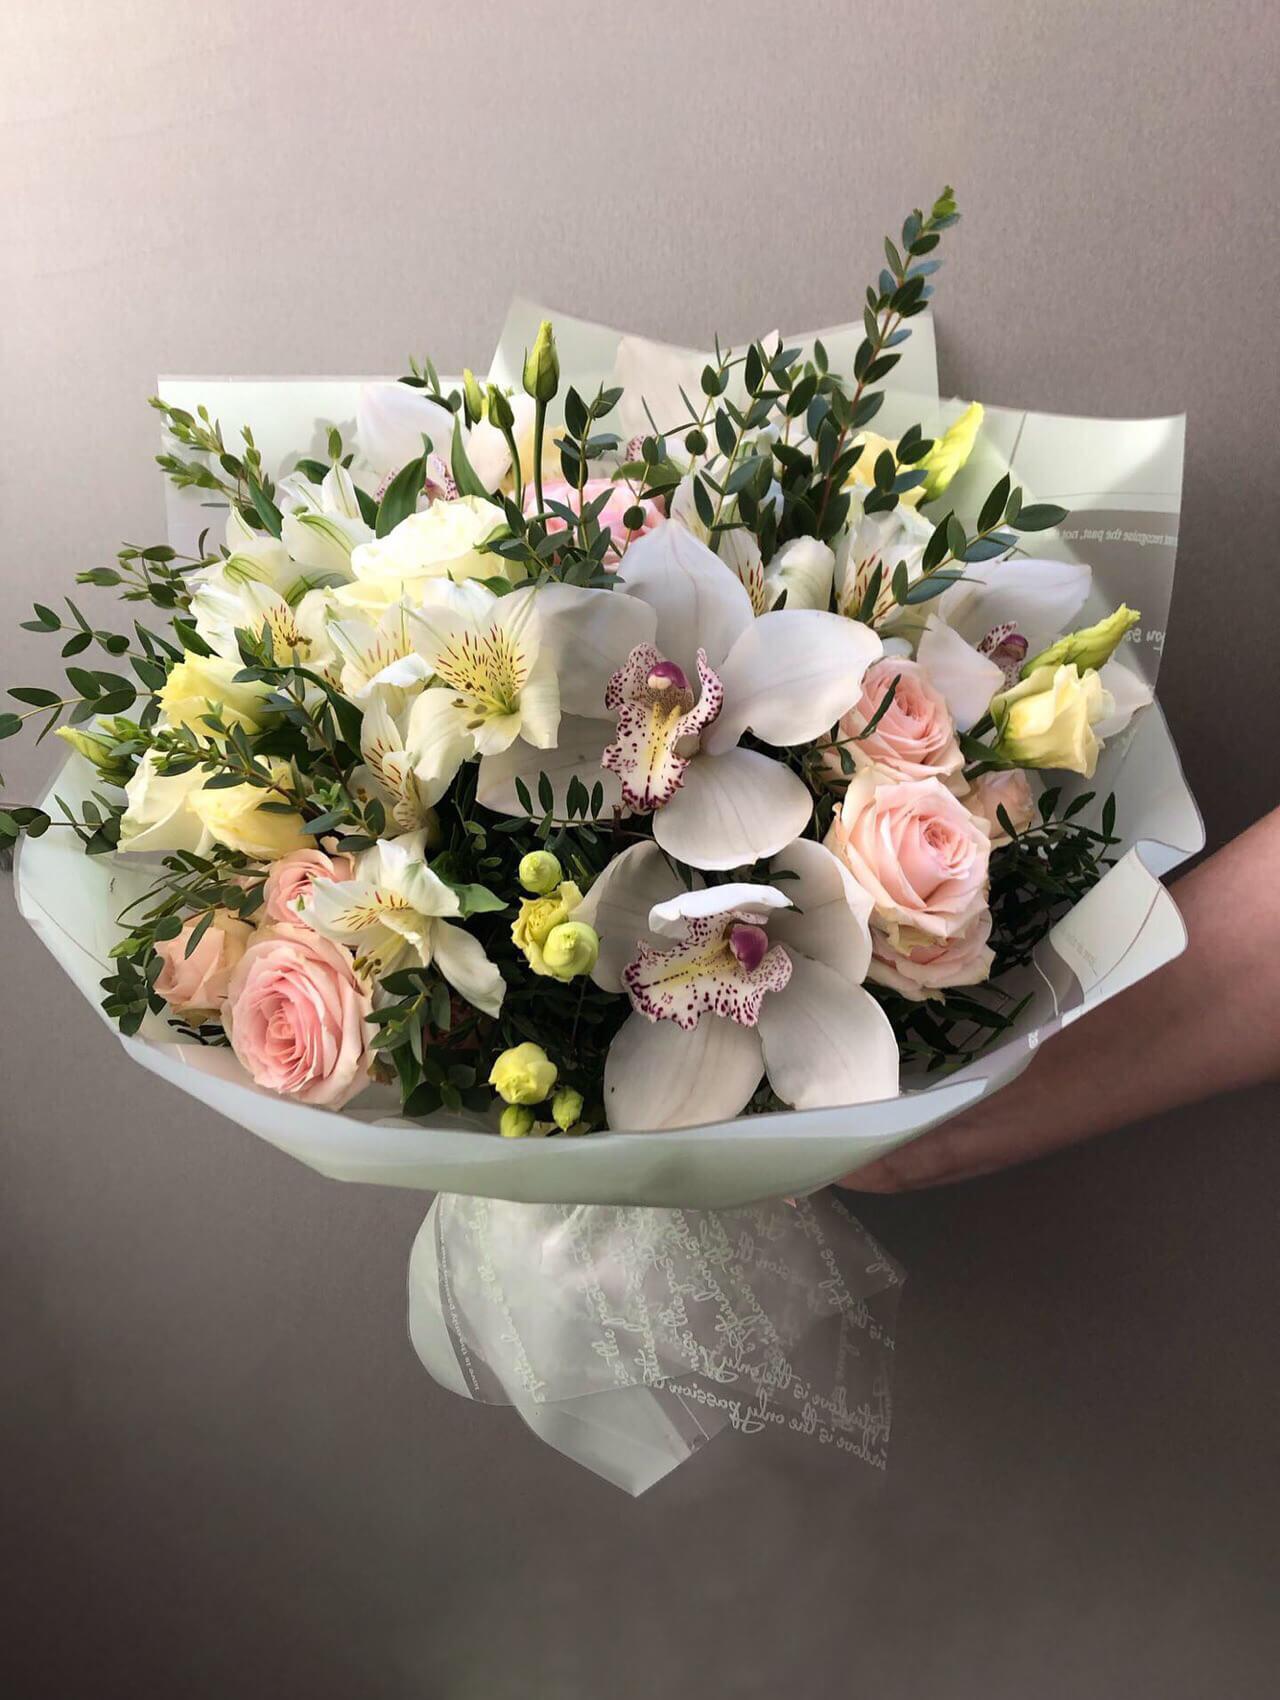 Букет с орхидеей, розами, эустомой и эвкалиптом